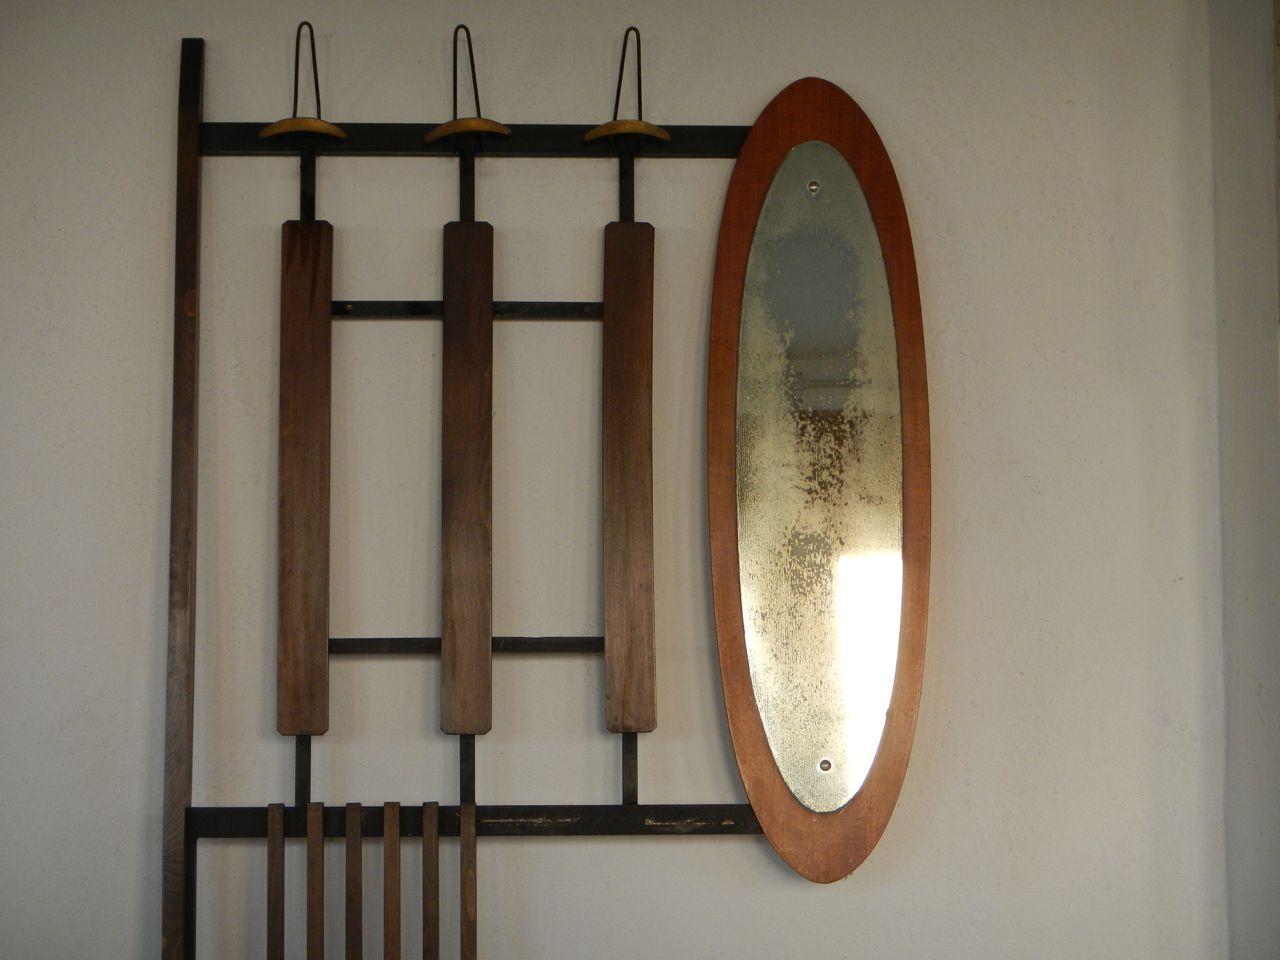 porte manteau d 39 entr e avec miroir 1950s en vente sur pamono. Black Bedroom Furniture Sets. Home Design Ideas